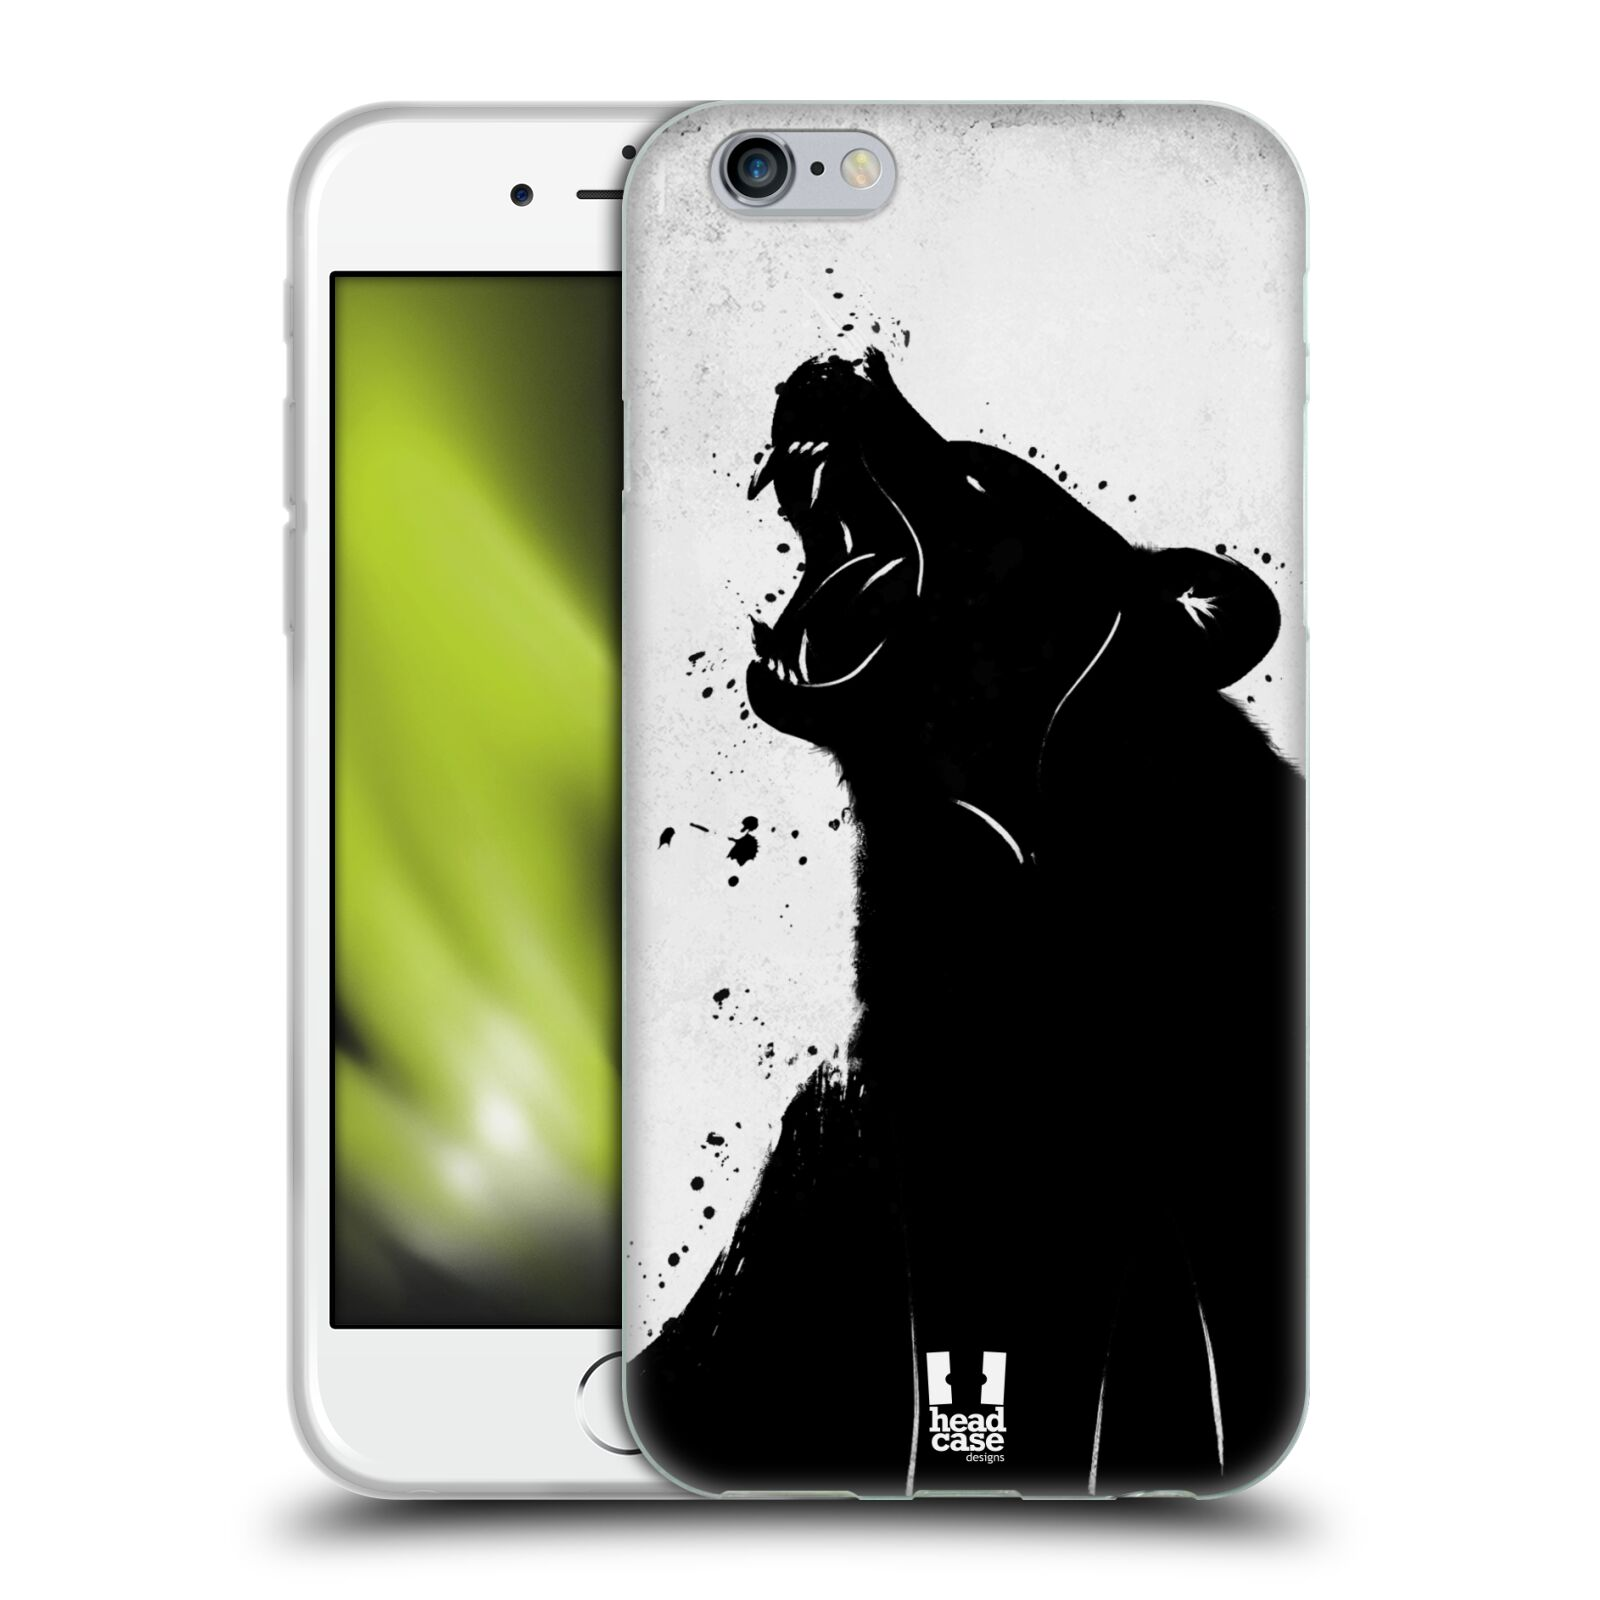 HEAD CASE silikonový obal na mobil Apple Iphone 6/6S vzor Kresba tuš zvíře medvěd